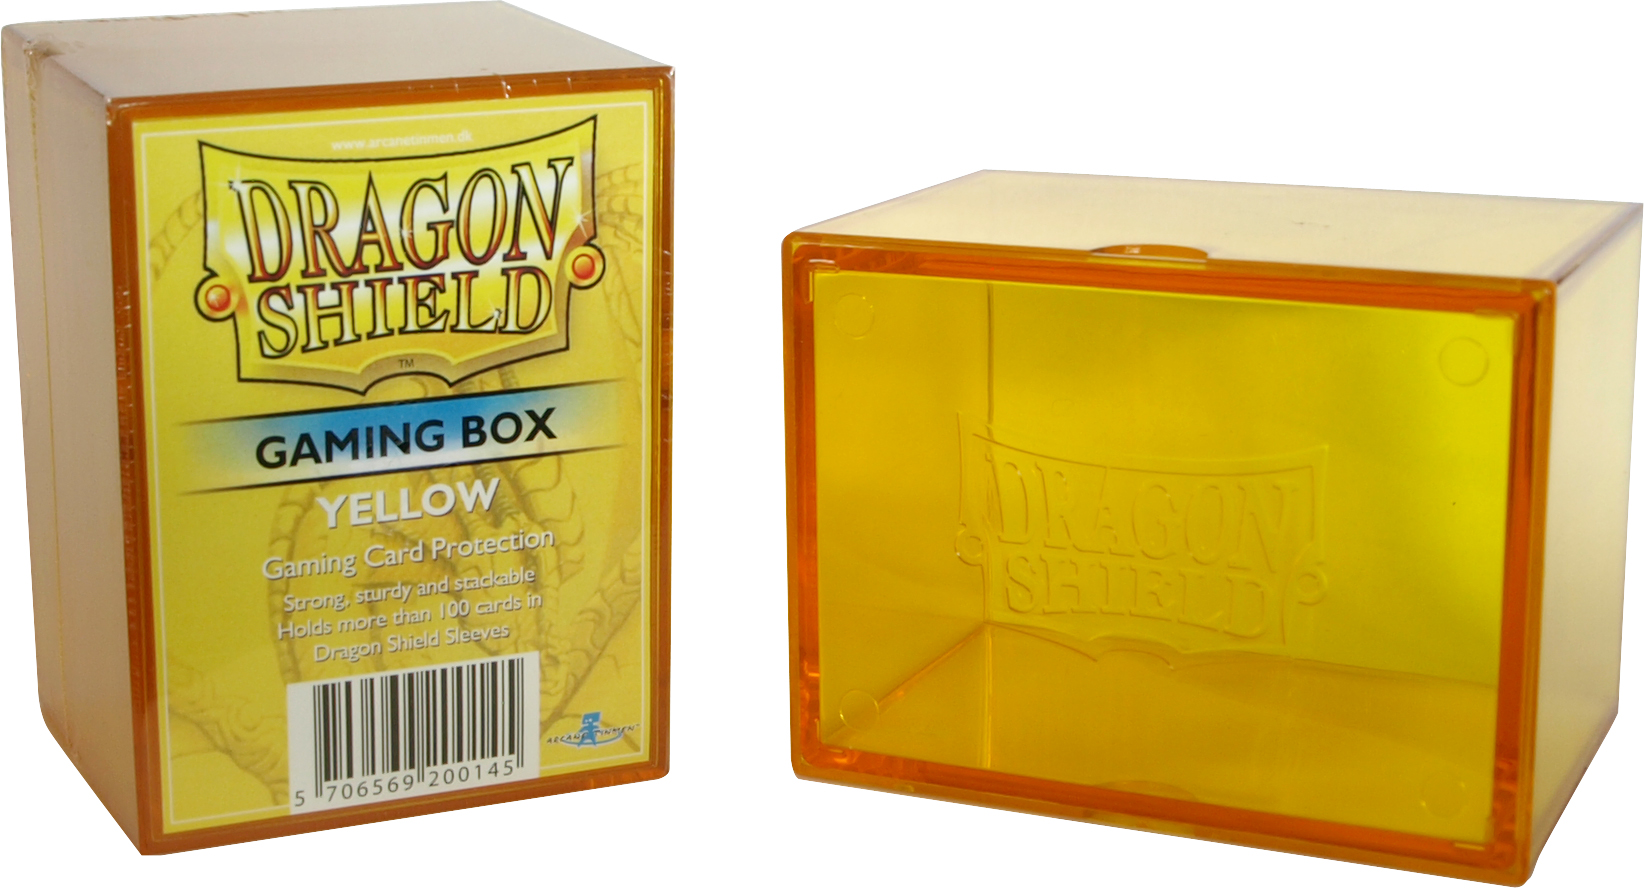 GAMING BOX - YELLOW (CONTIENE PIU' DI 100 CARTE CON LE BUSTE)